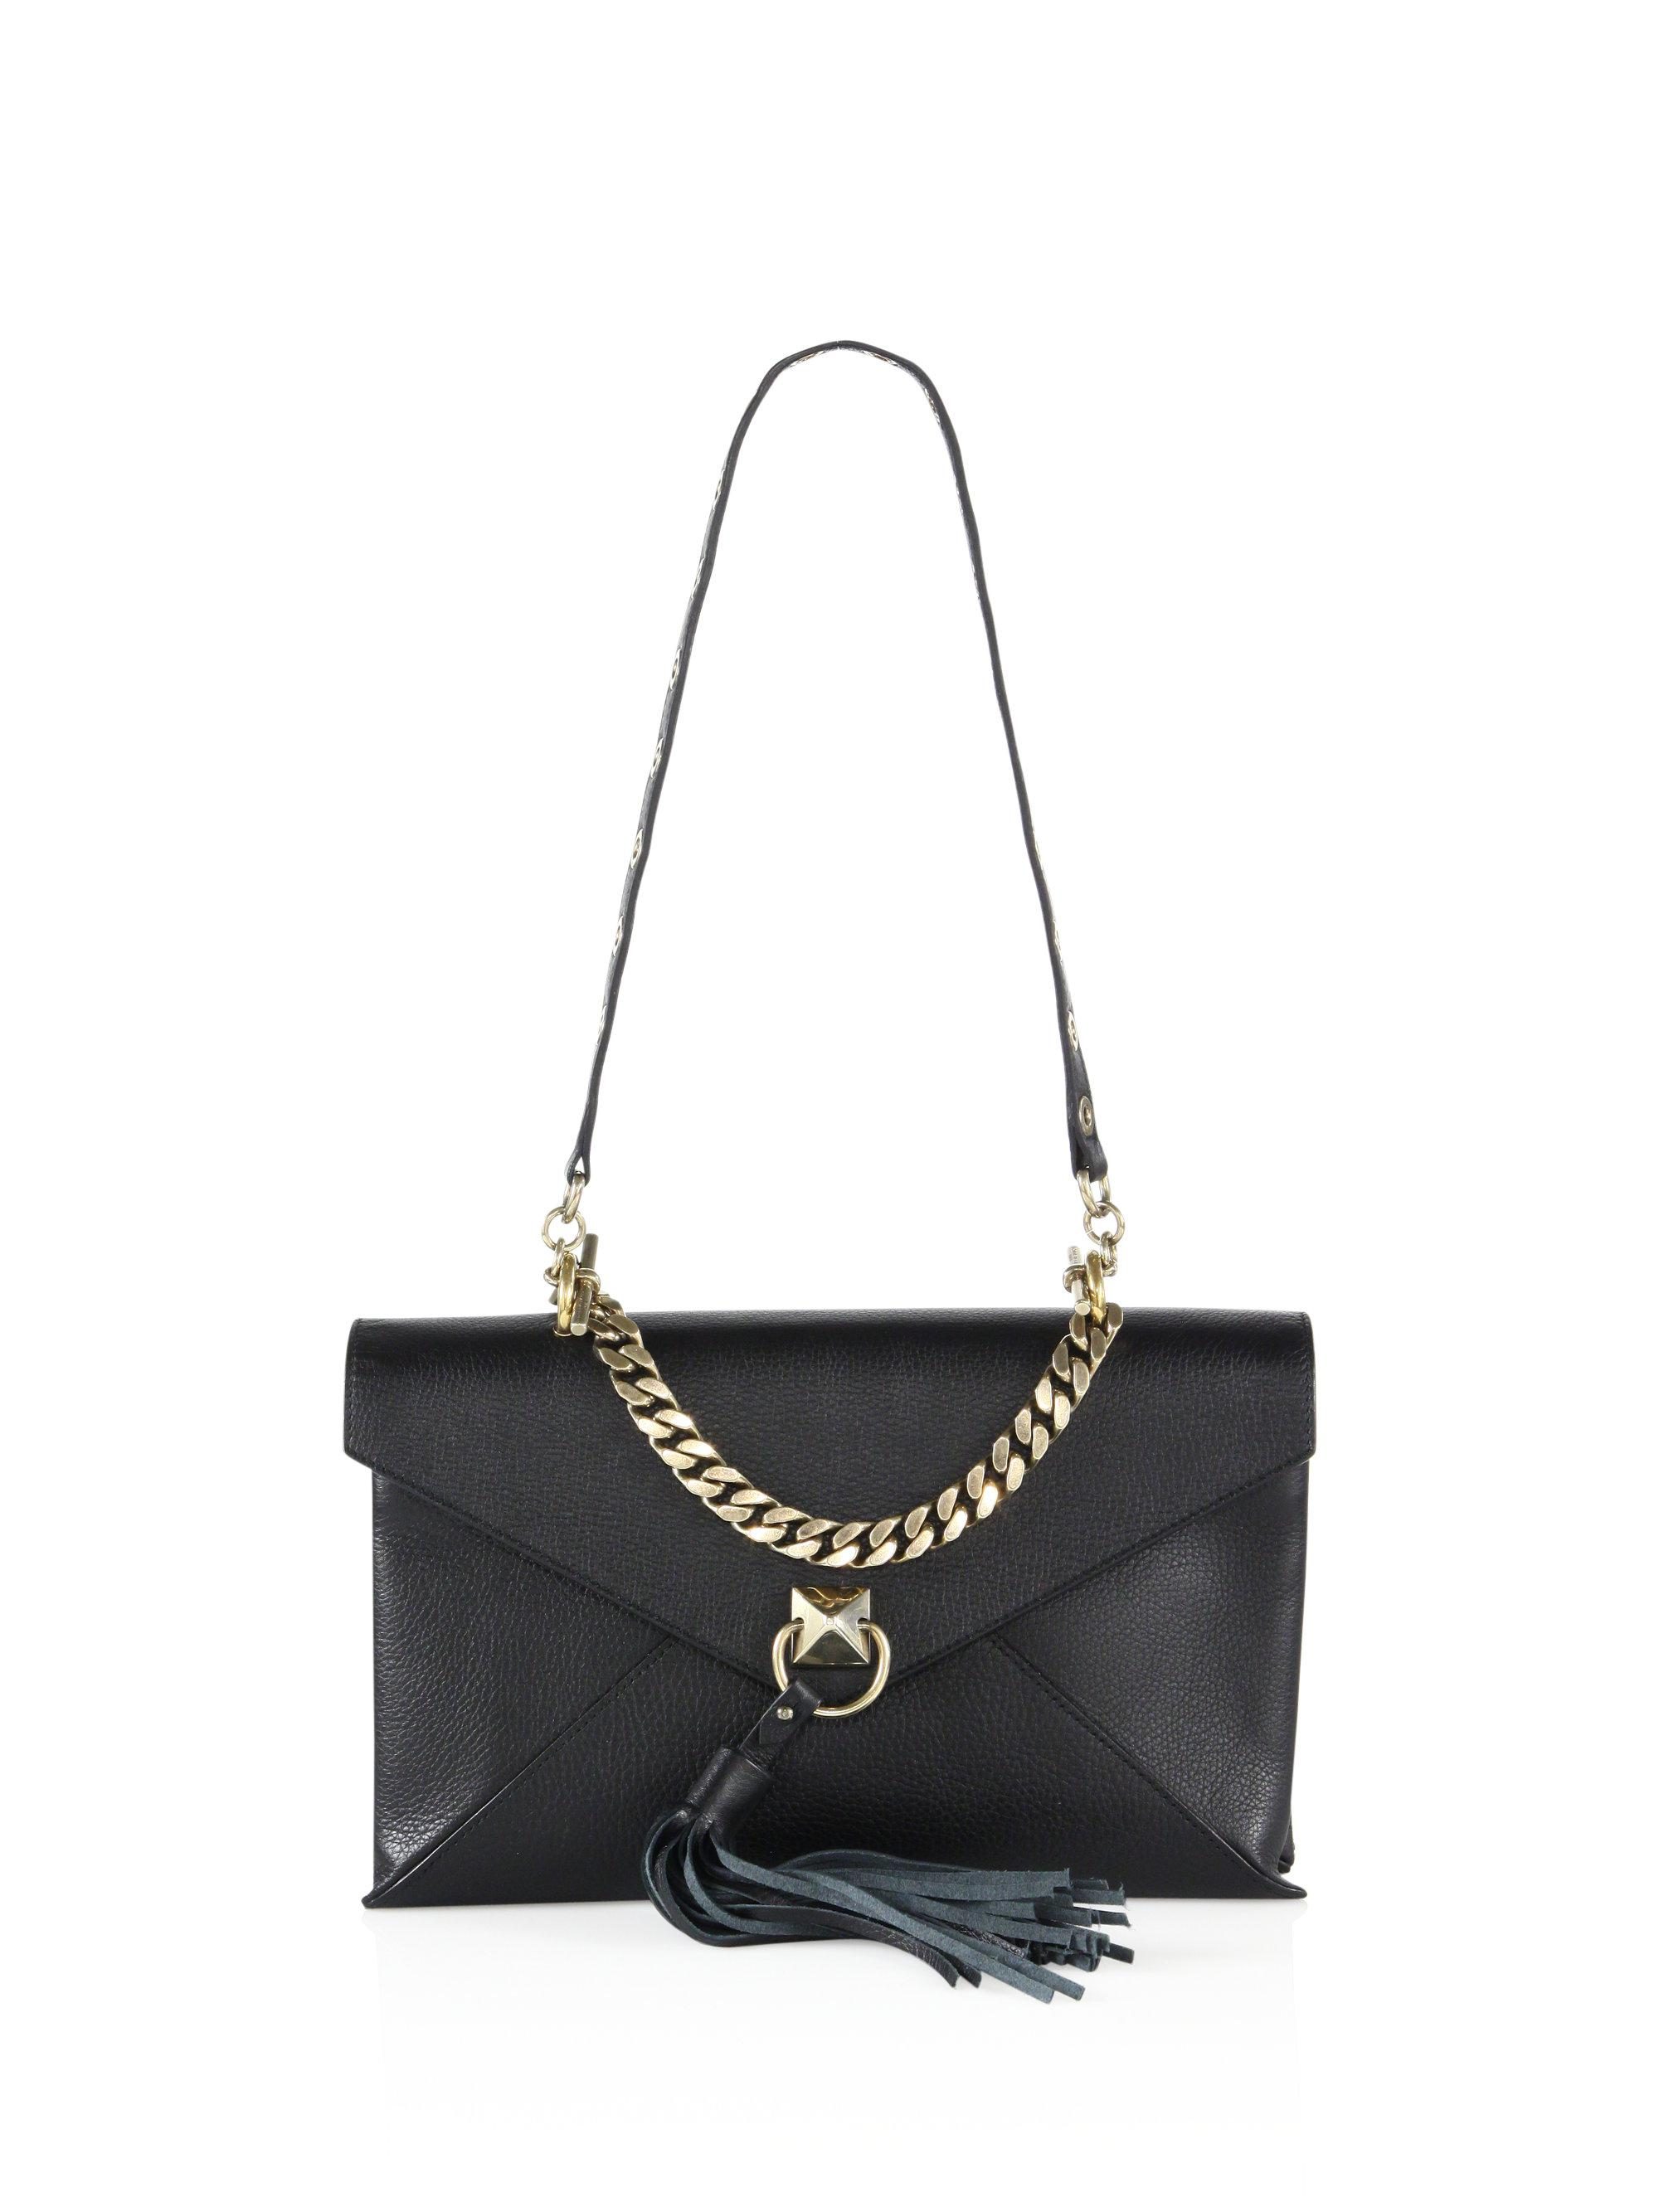 Sonia Rykiel Pyramid Leather Envelope Clutch in Black - Lyst 490d16f082237